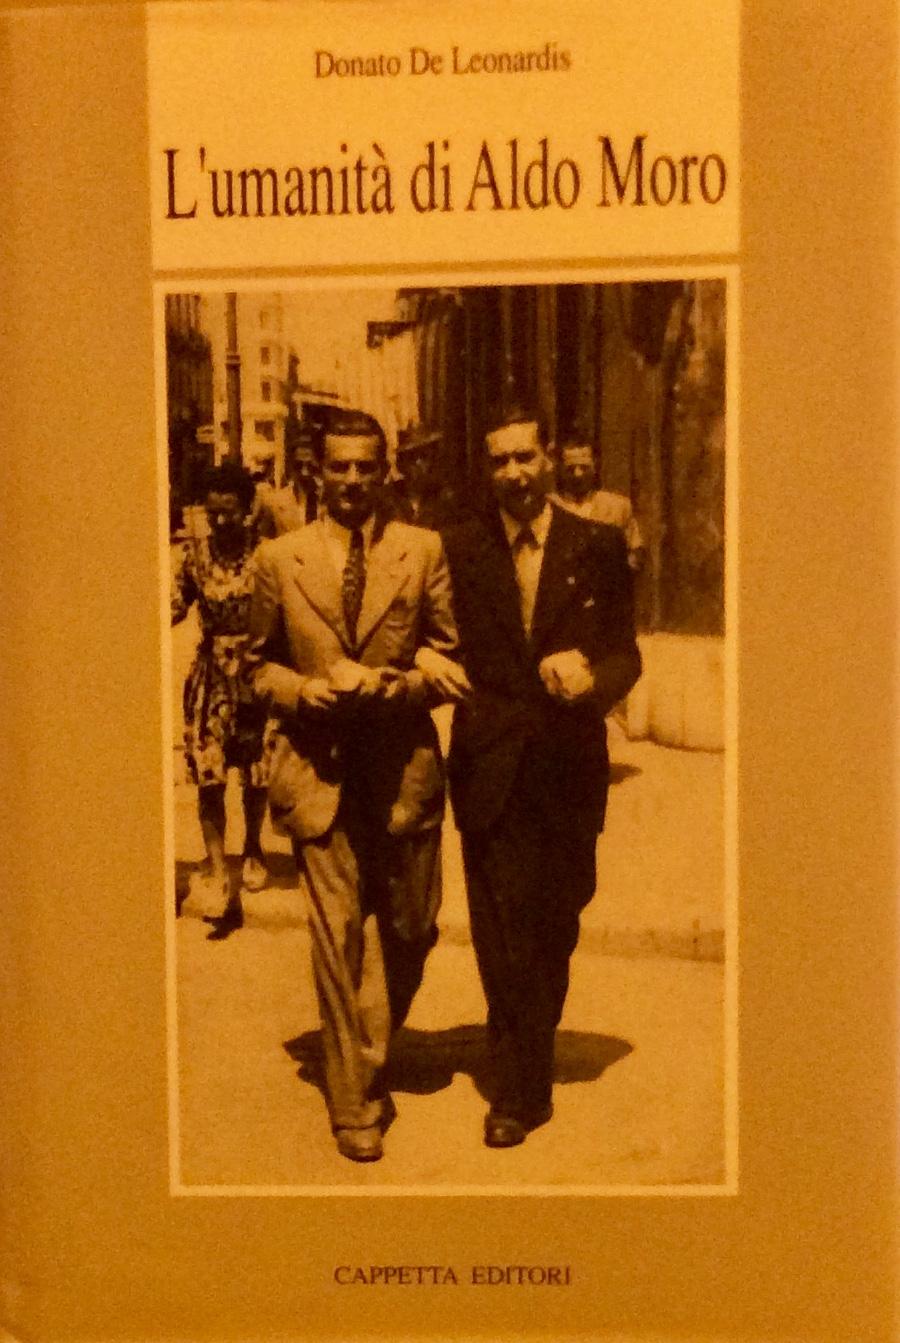 L'umanità di Aldo Moro